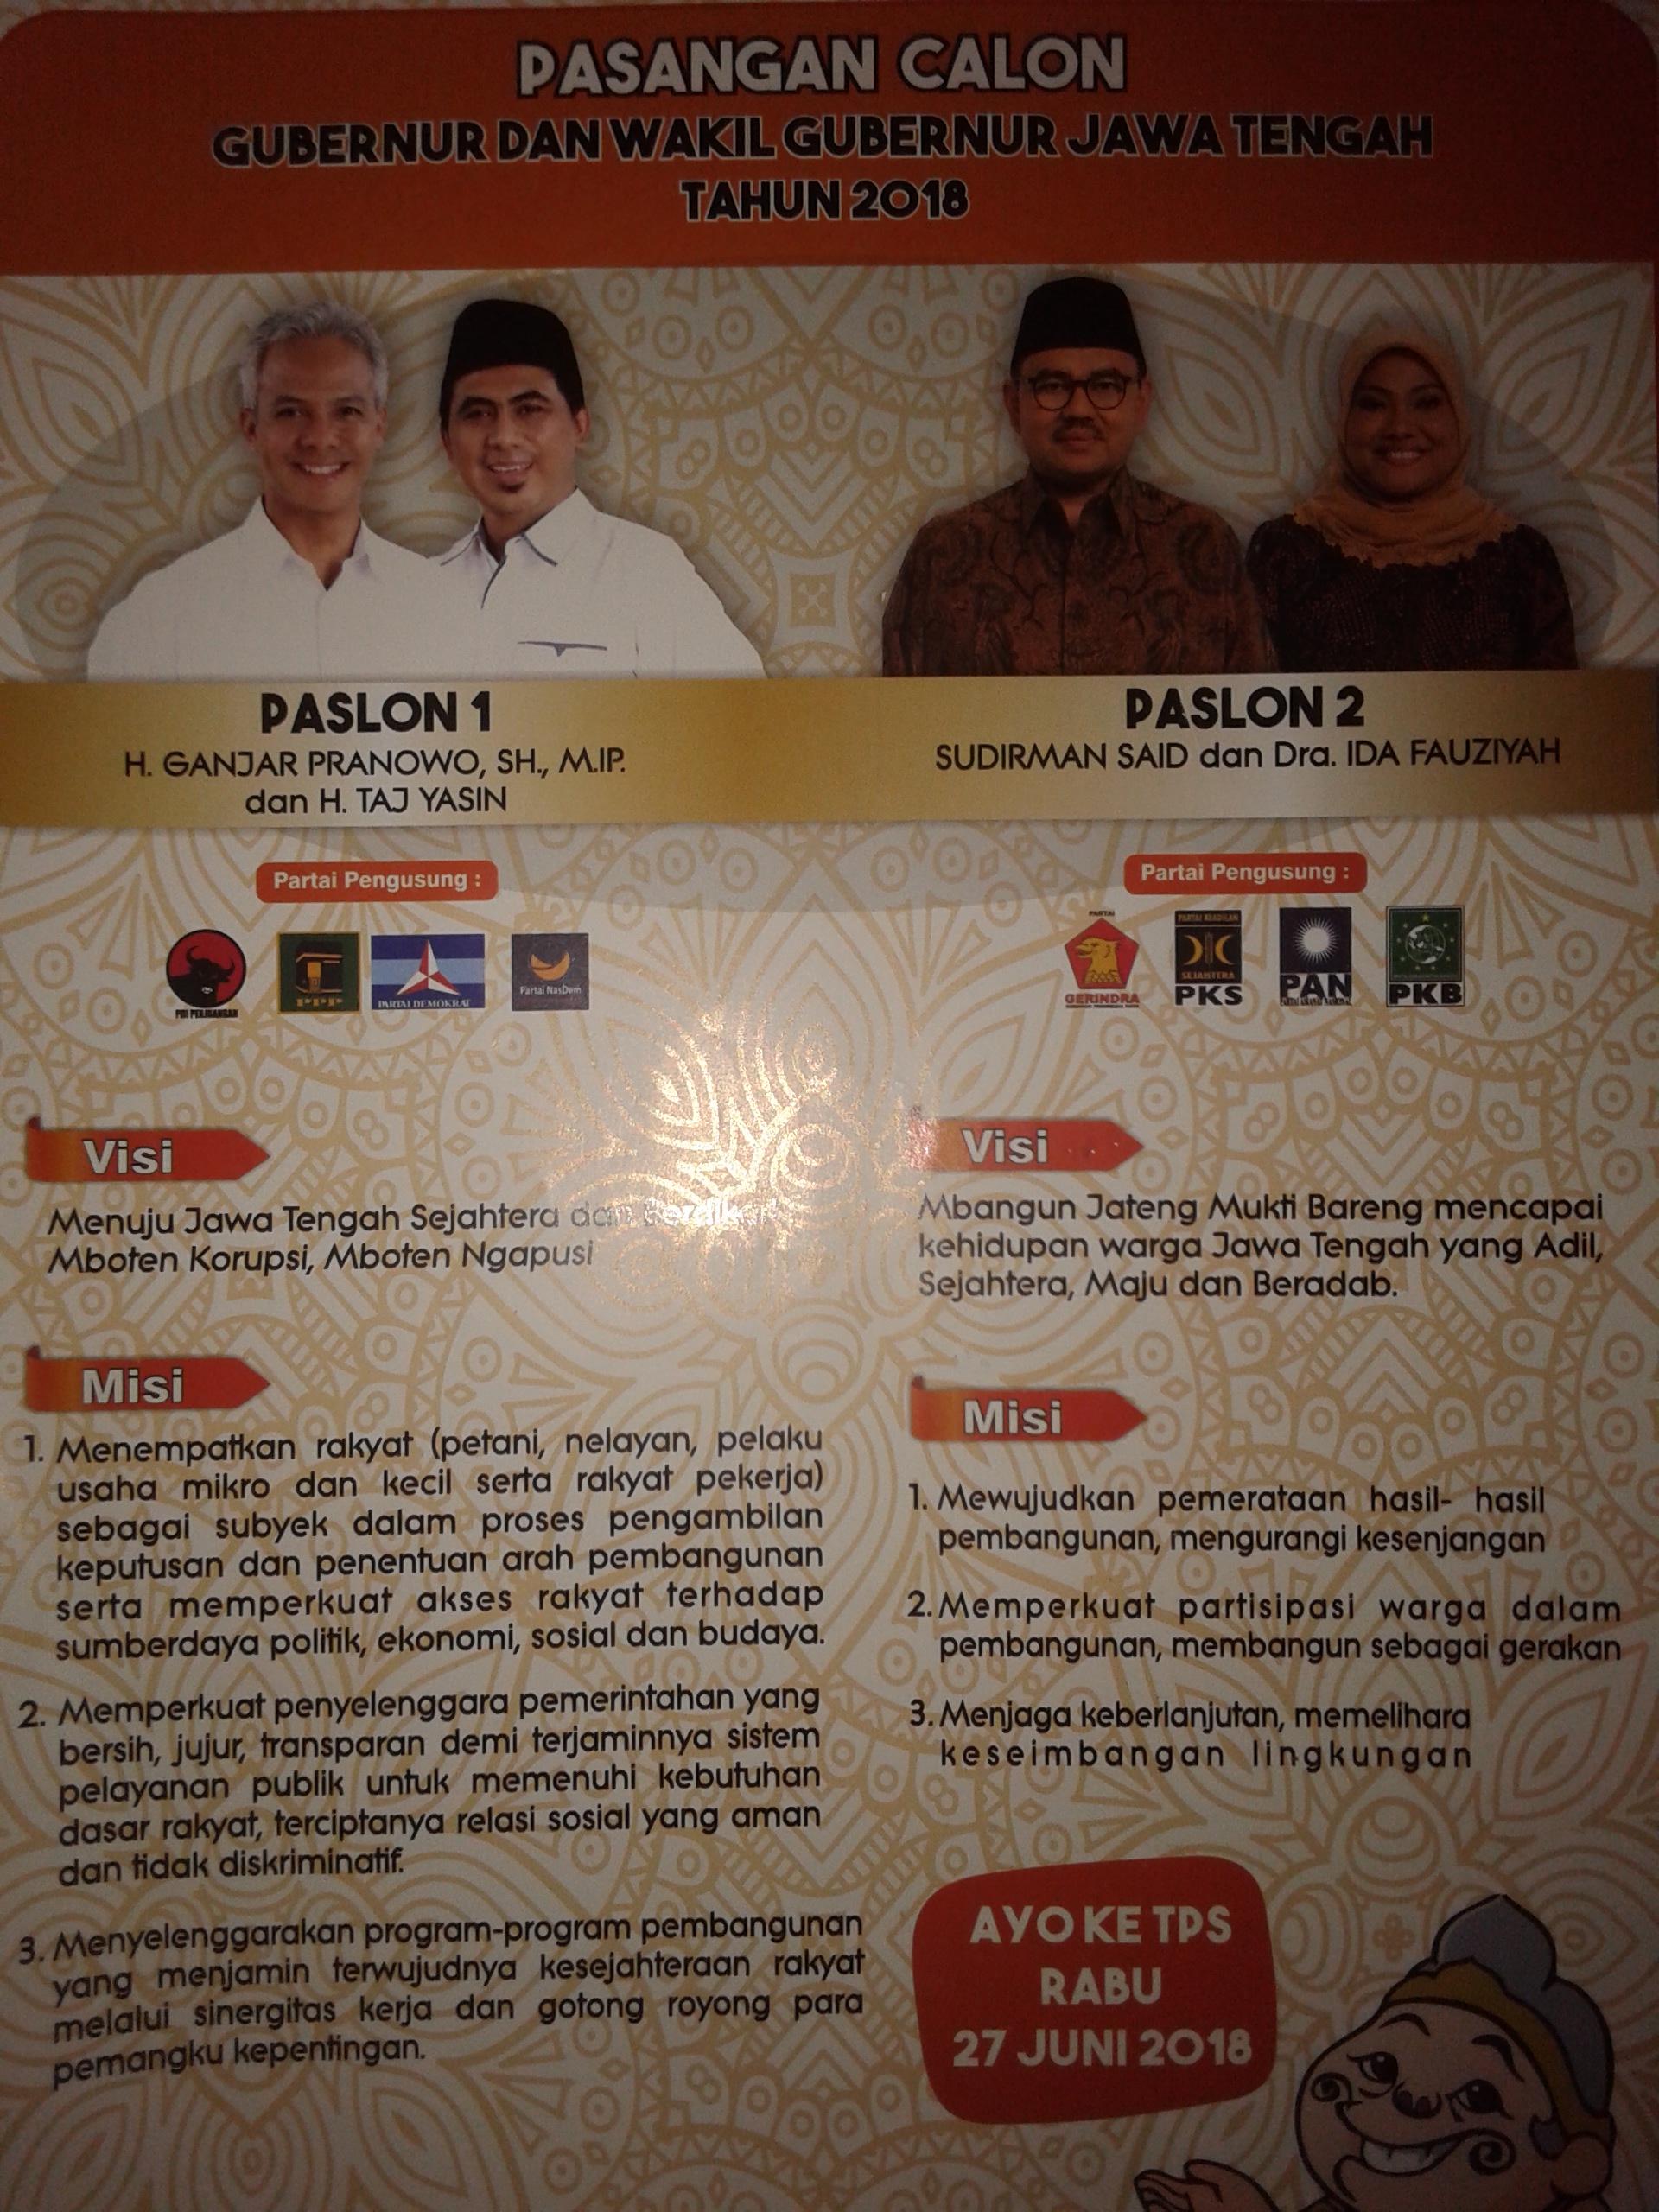 Pemilihan Gubernur dan Wakil Gubernur Jawa Tengah Tahun 2018